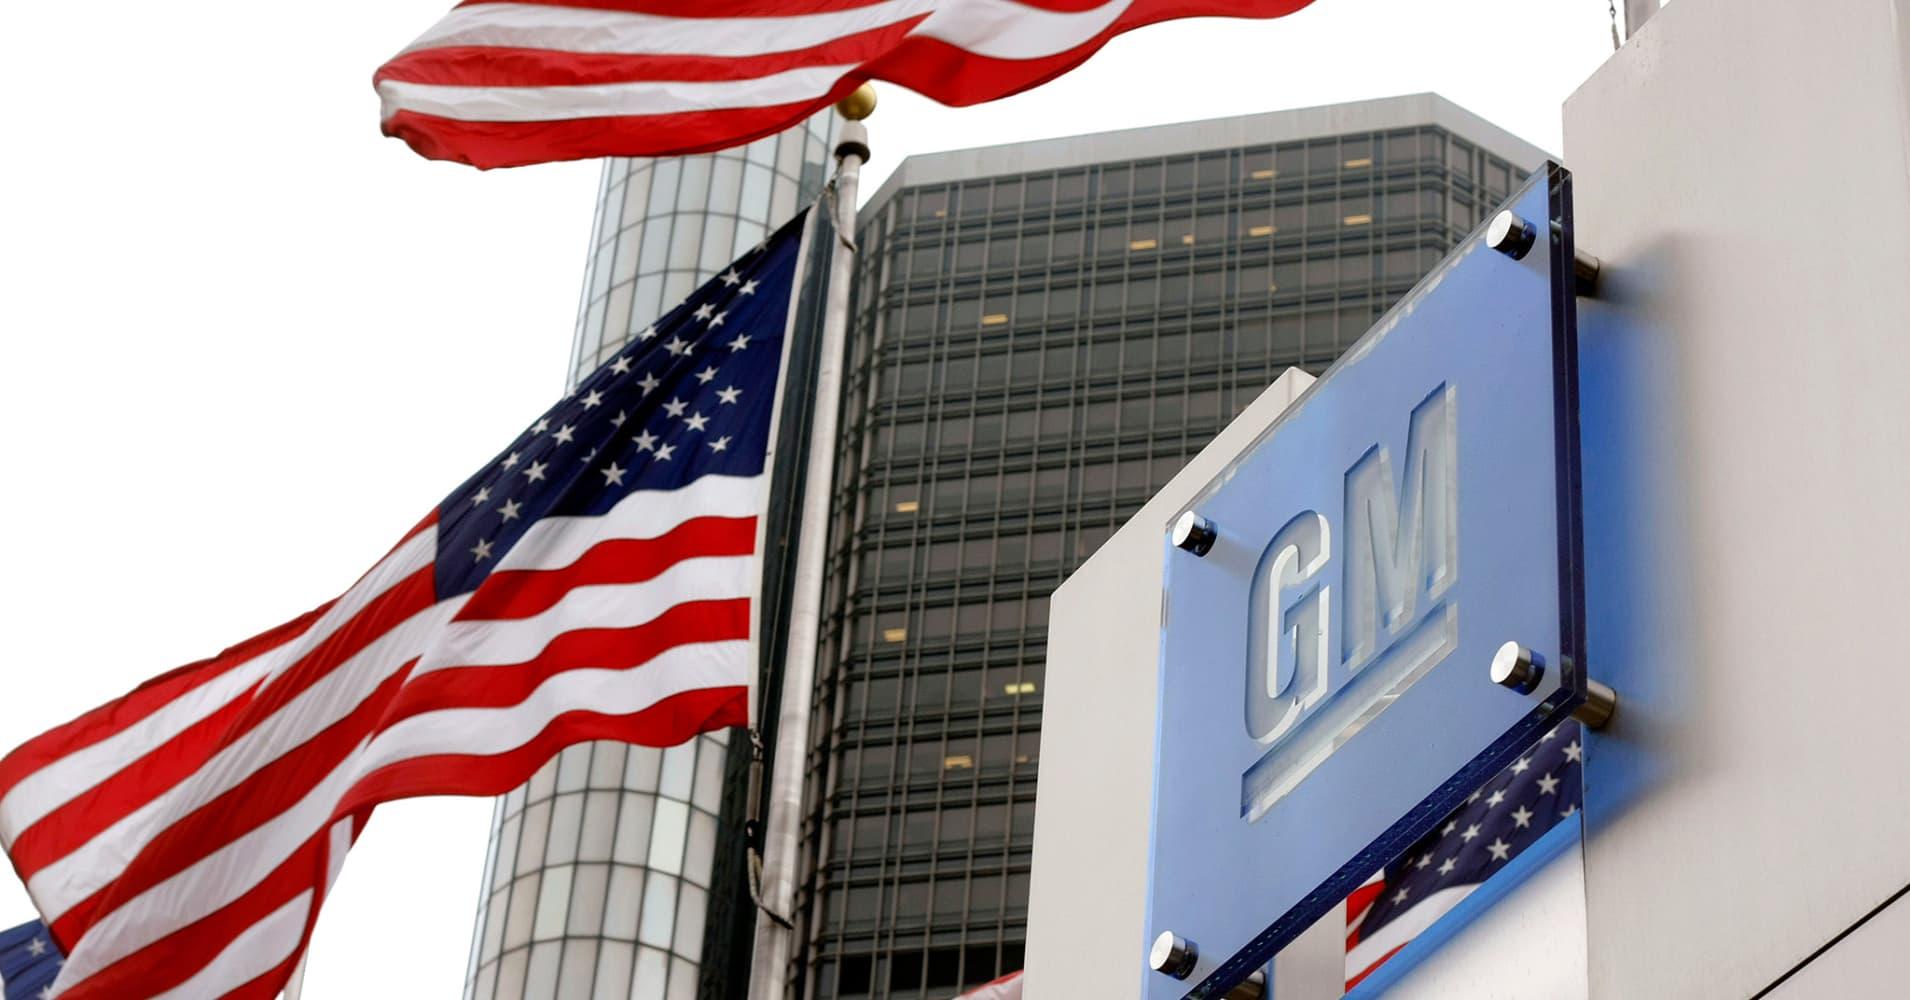 Gm Retirees Take Lump Sum Buyout